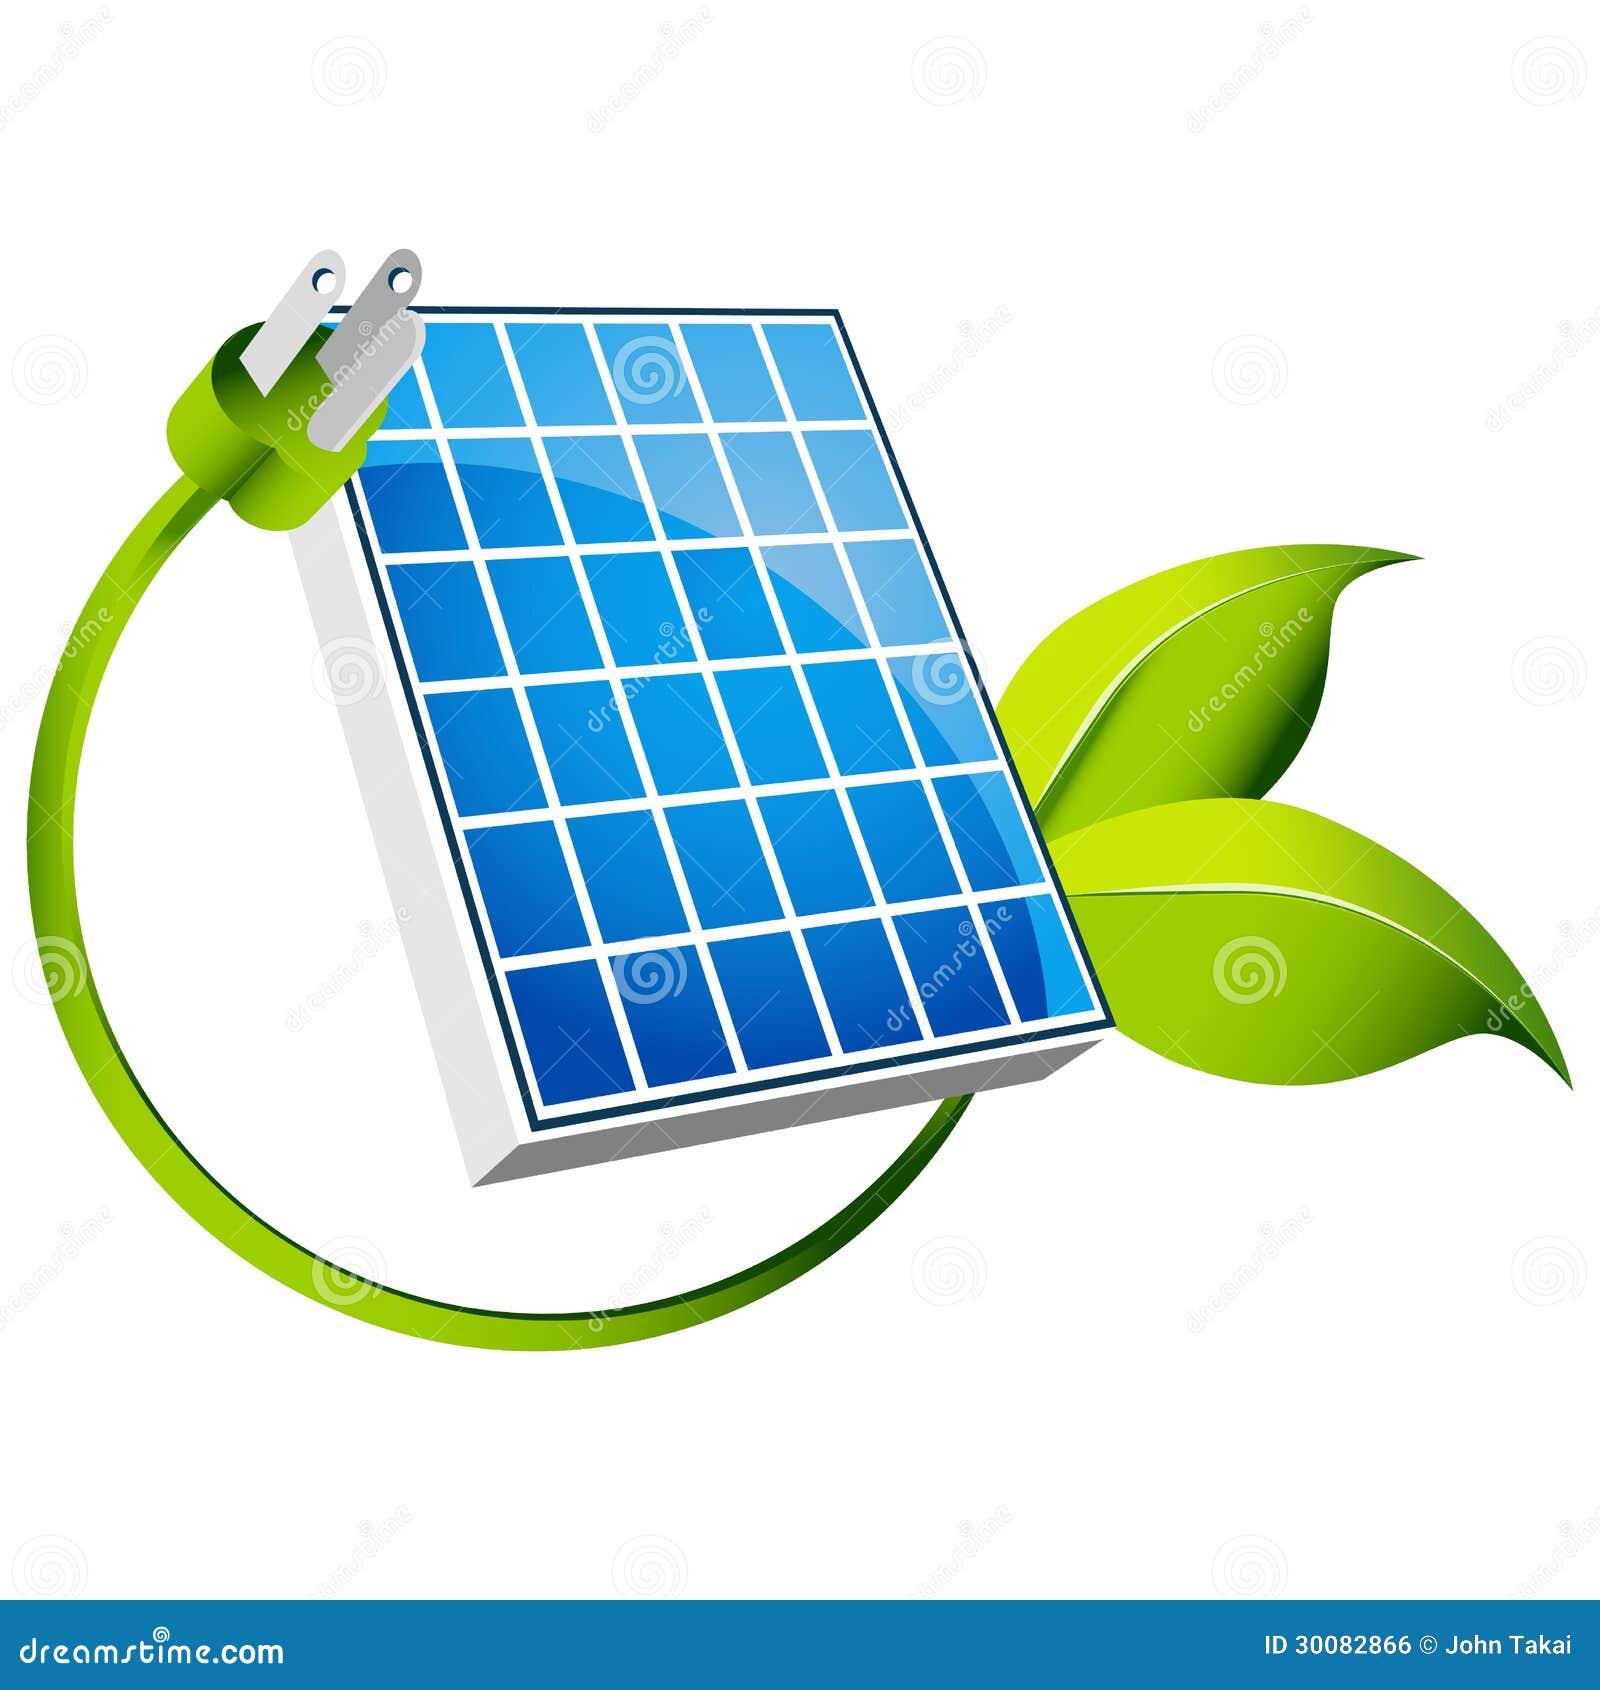 Pannello Solare Con Spina : Icona solare illustrazione vettoriale immagine di